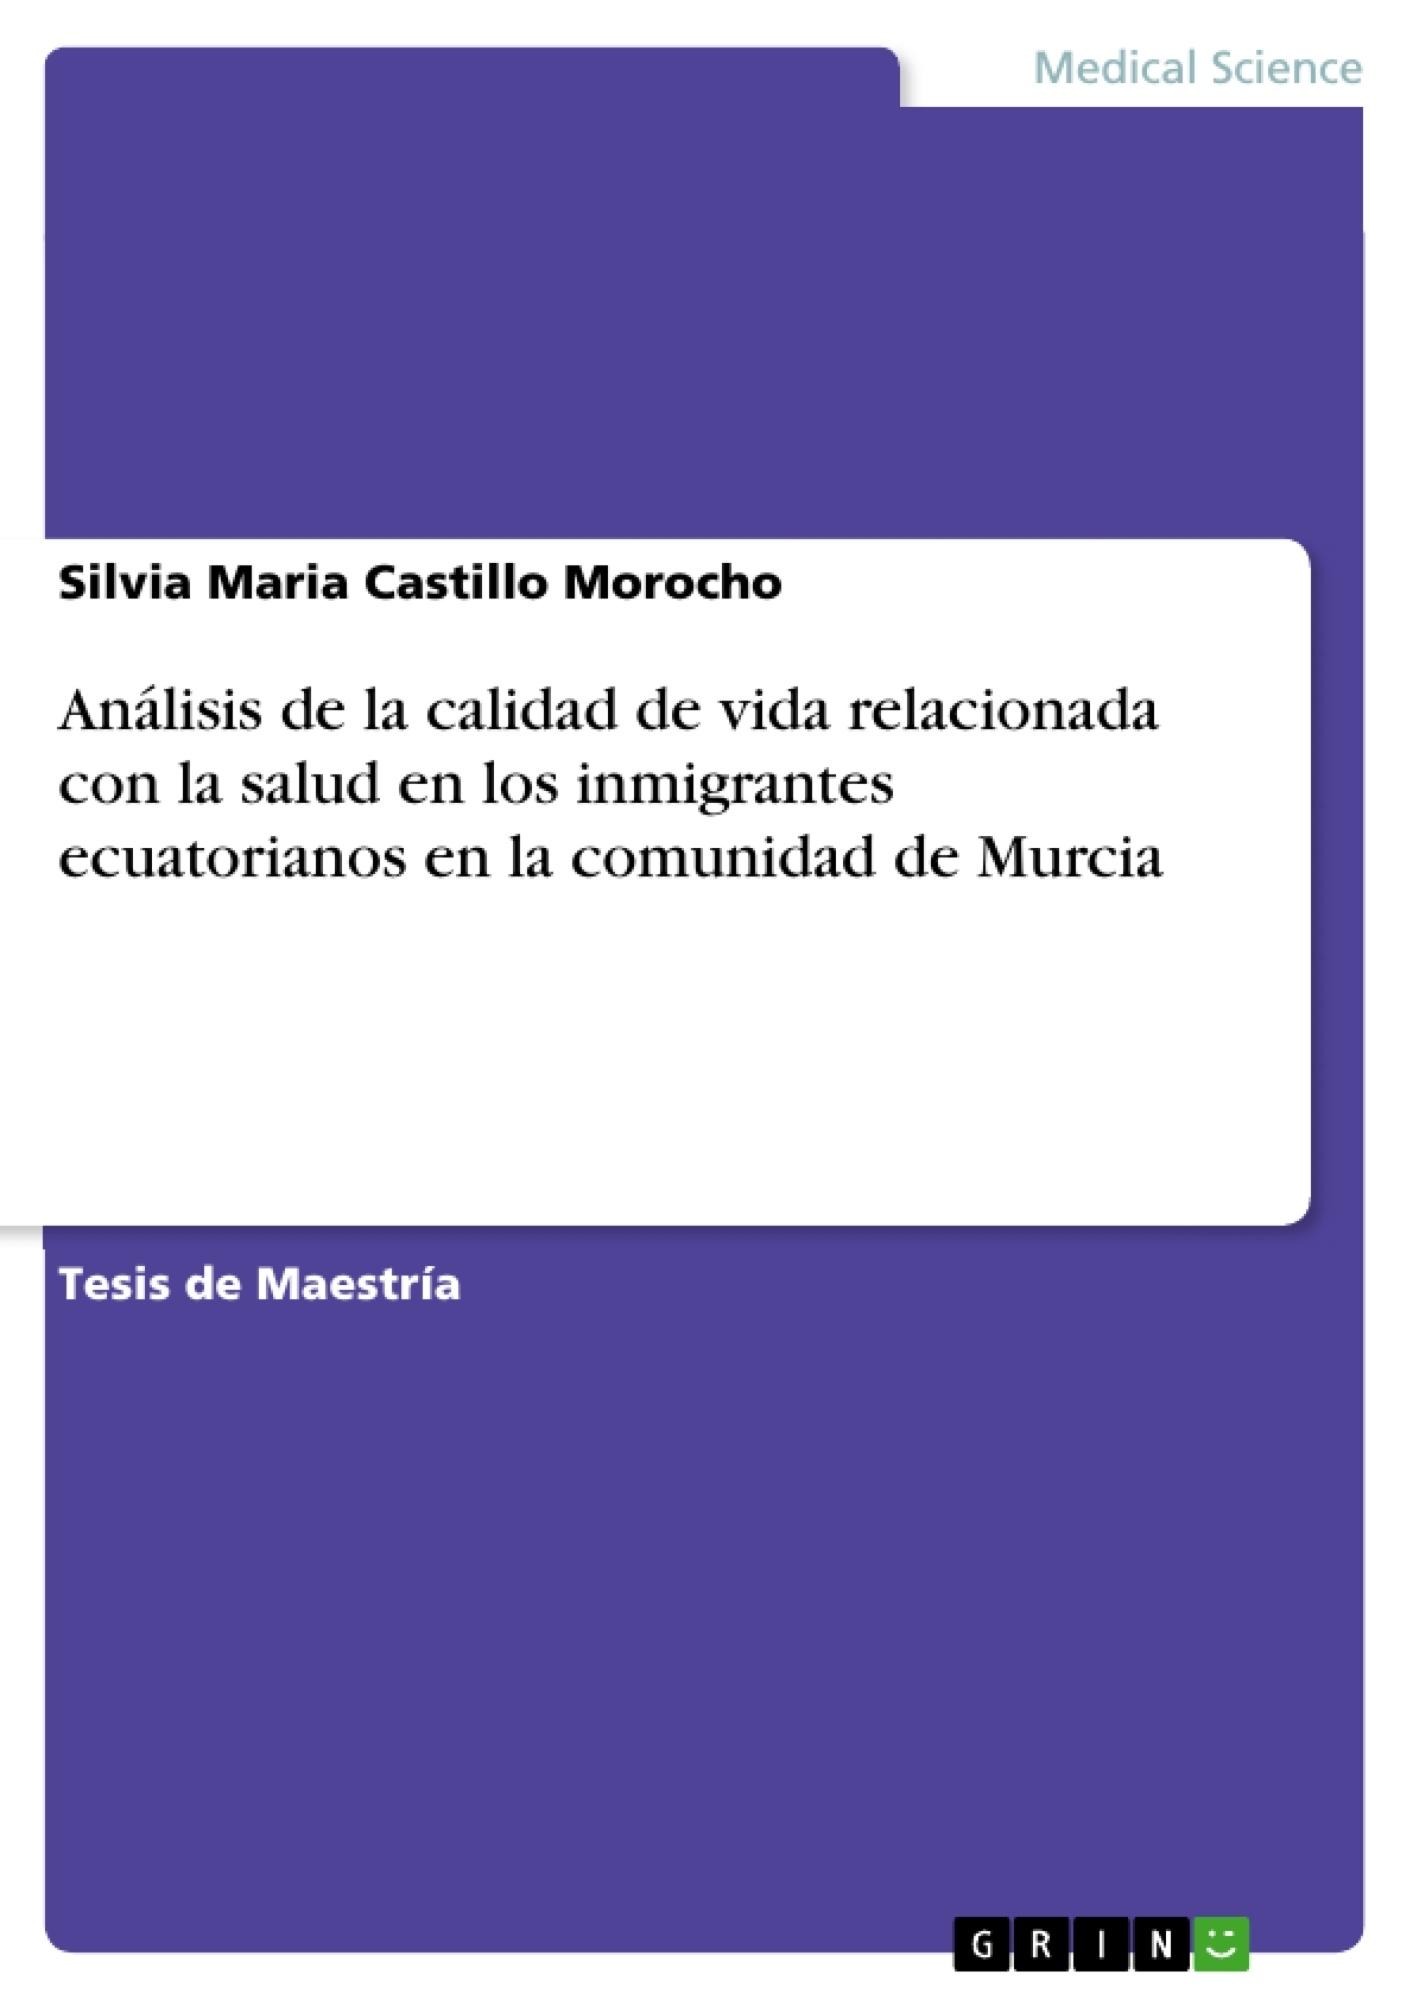 Título: Análisis de la calidad de vida relacionada con la salud en los inmigrantes ecuatorianos en la comunidad de Murcia